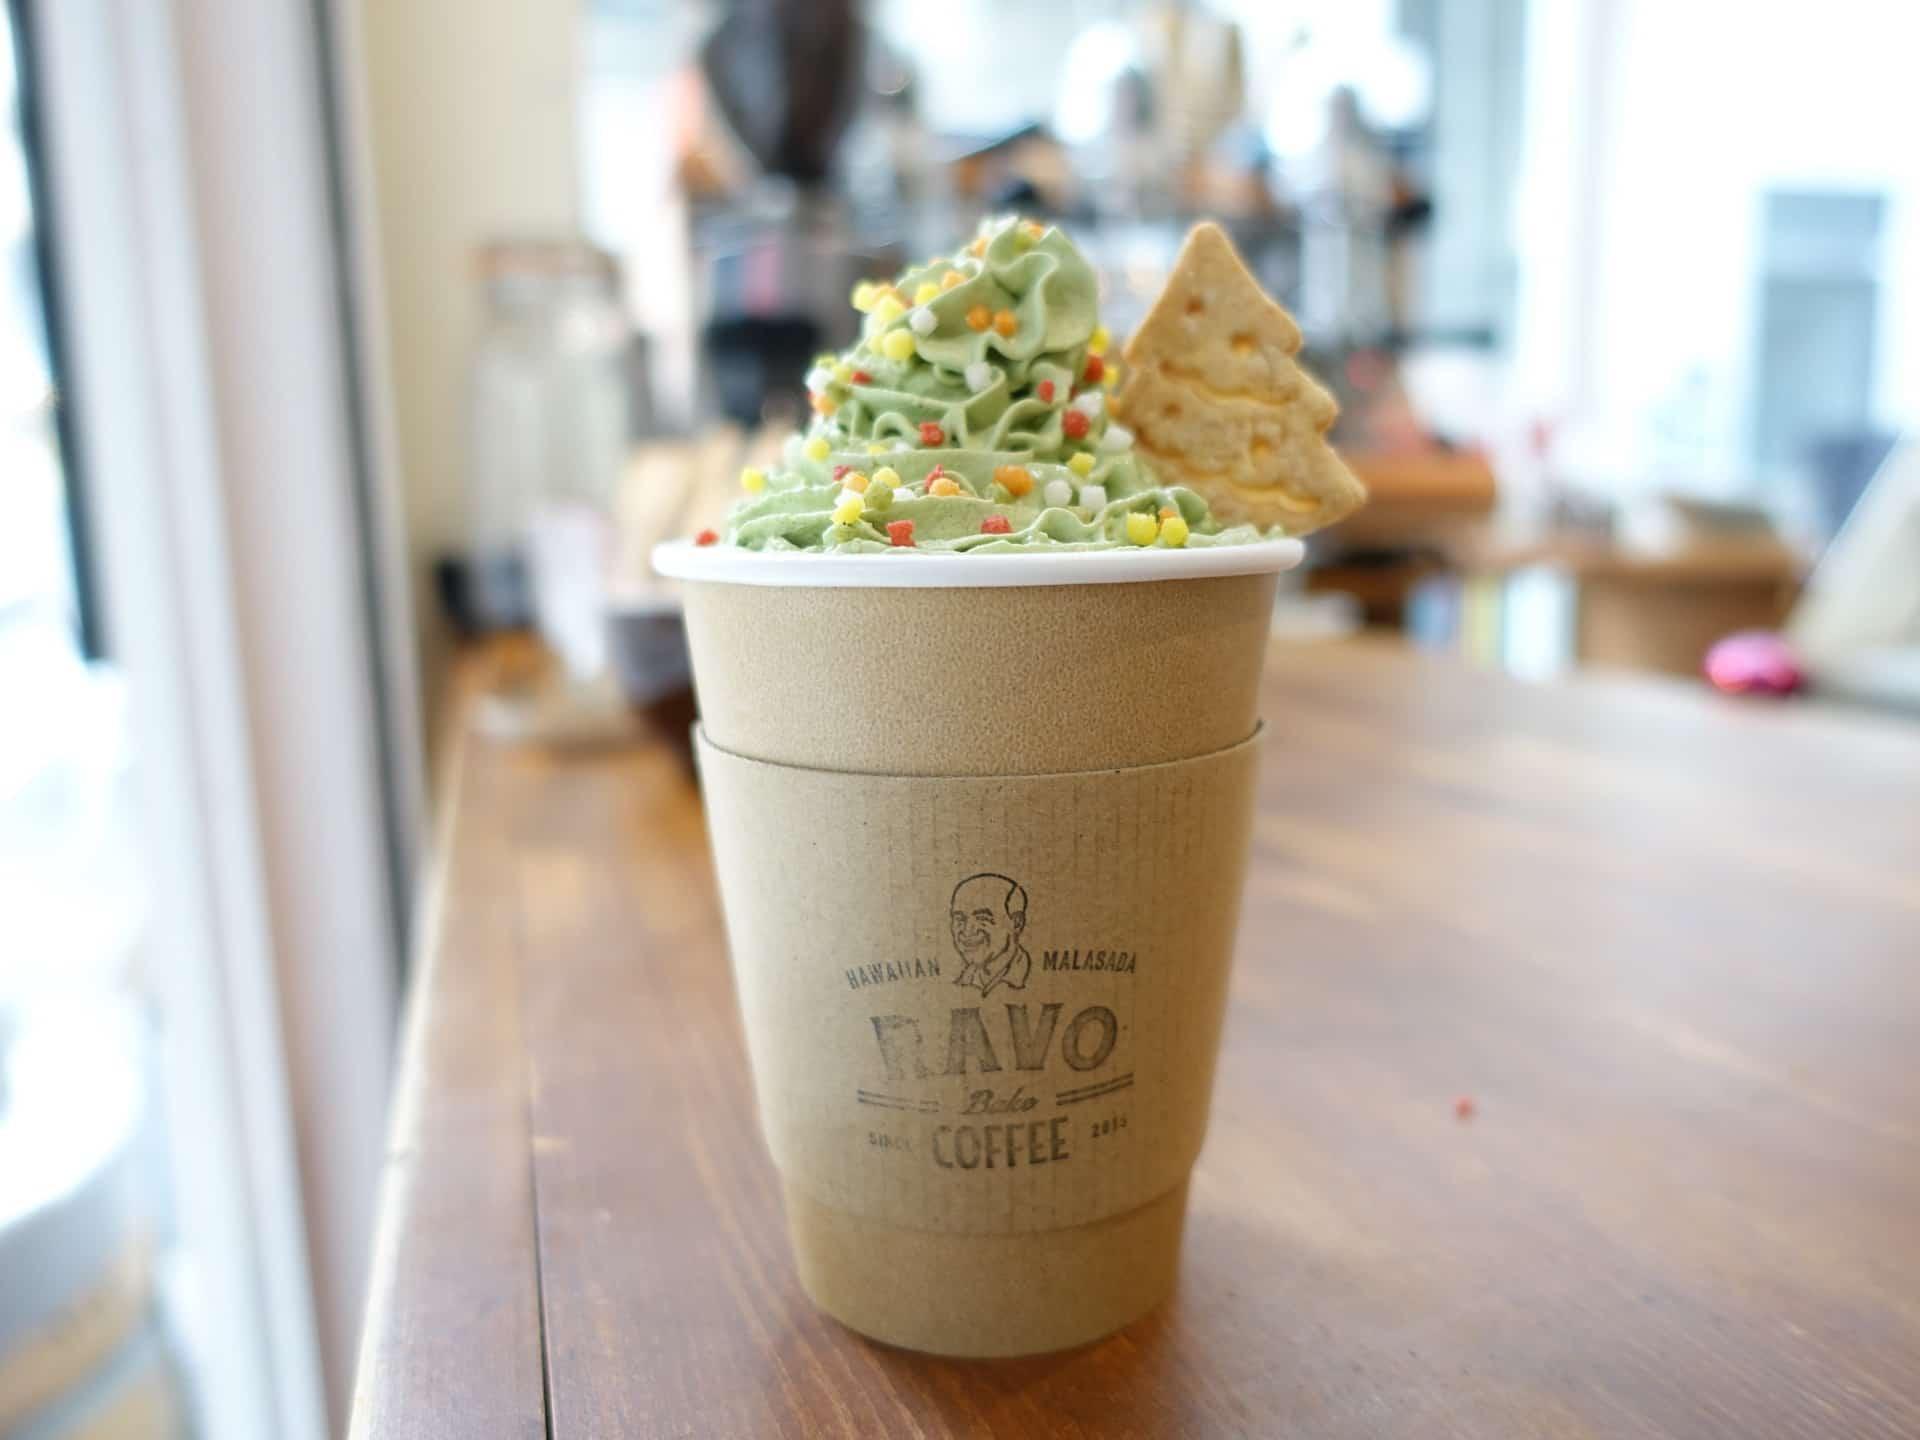 RAVO Bake COFFEE(ラボベイクコーヒー) − インスタで注目の神戸・三宮のコーヒースタンド。期間限定ラテやマラサダも